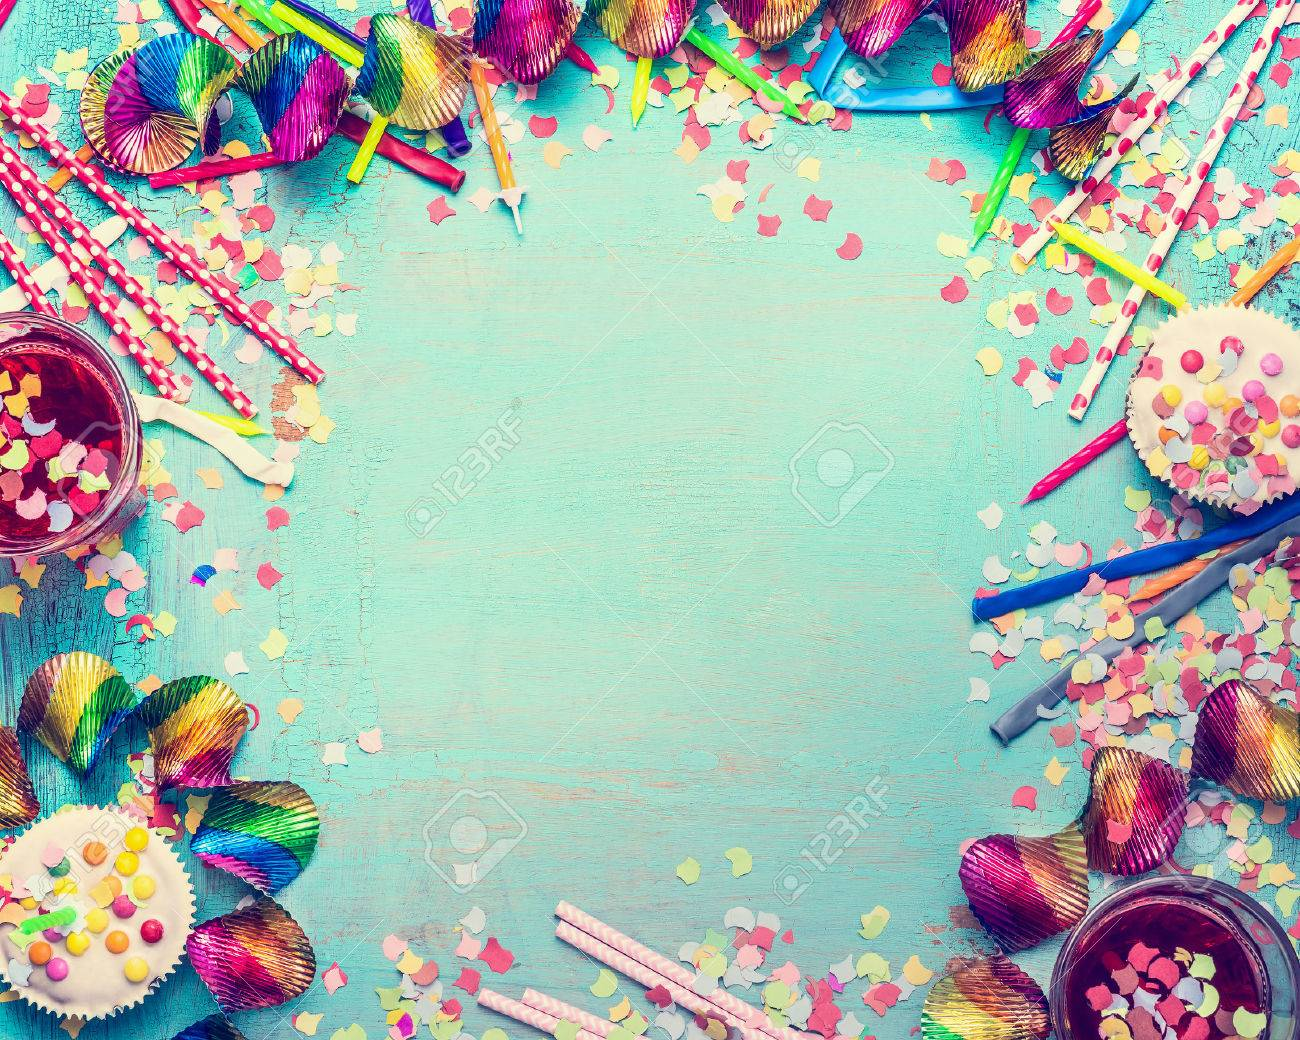 Alles Gute Zum Geburtstag Rahmen Party Tools Mit Kuchen Getranken